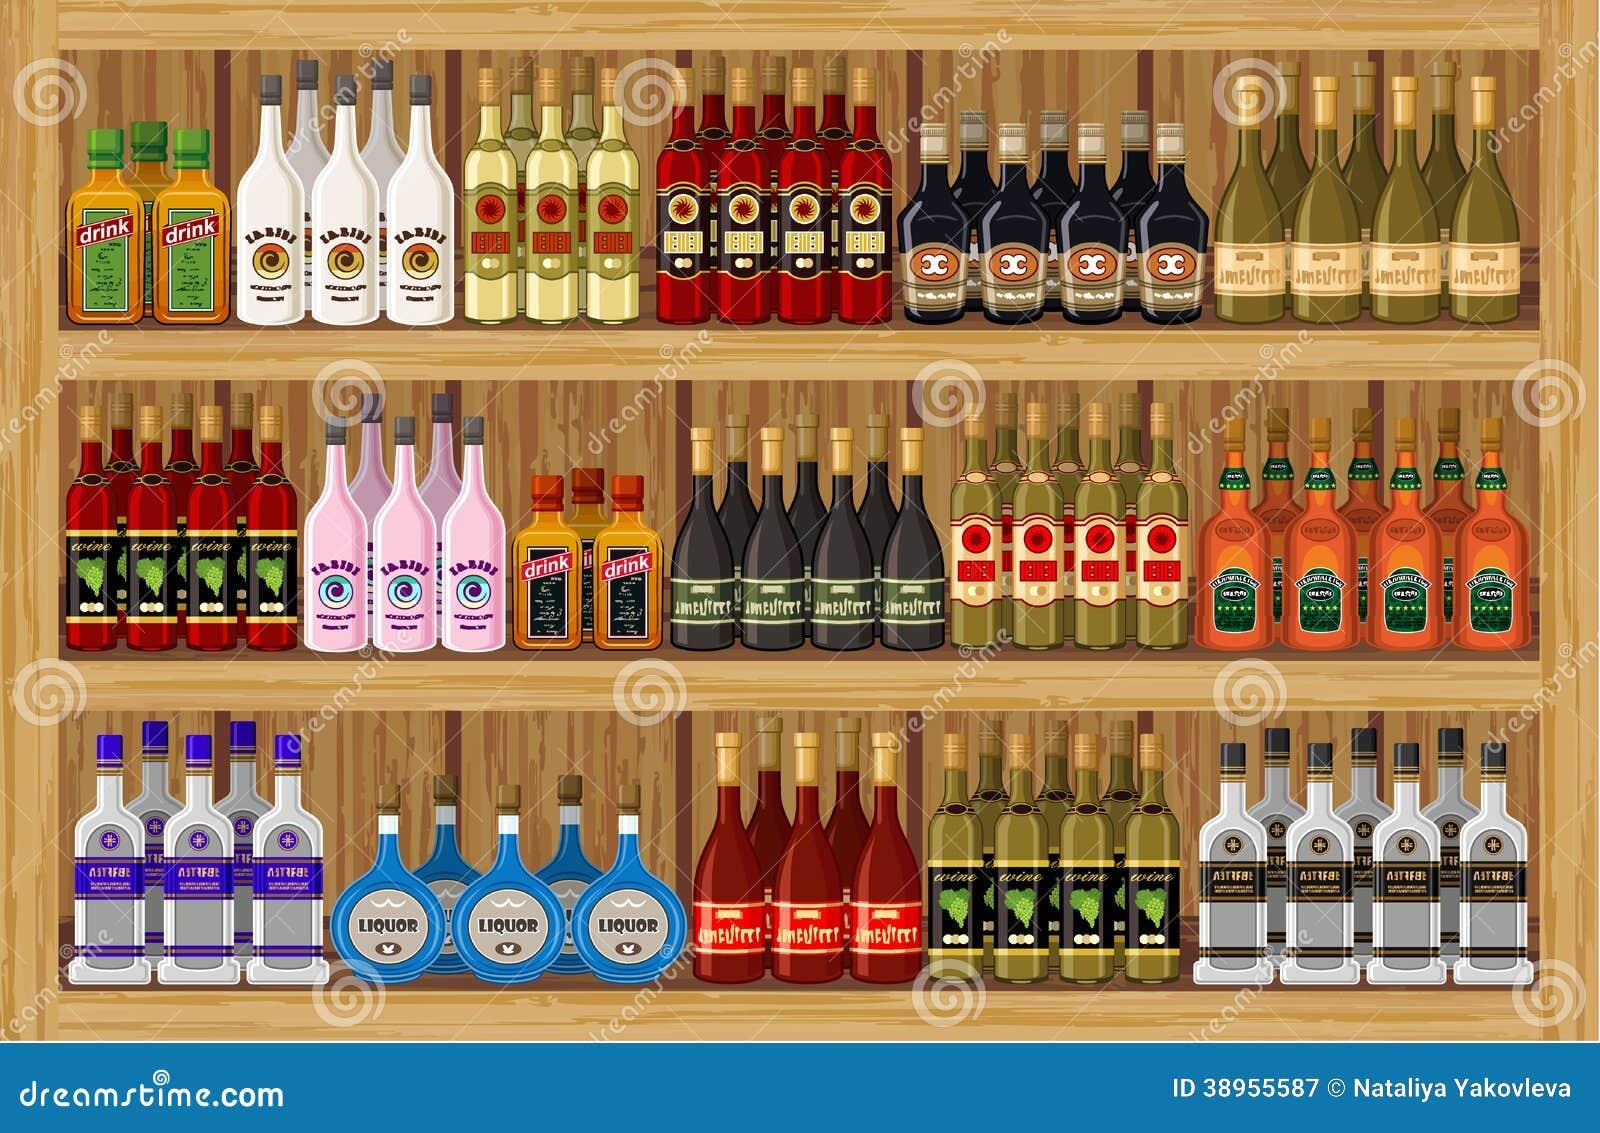 Alkoholische Getränke Des Shops. Vektor Abbildung - Illustration von ...